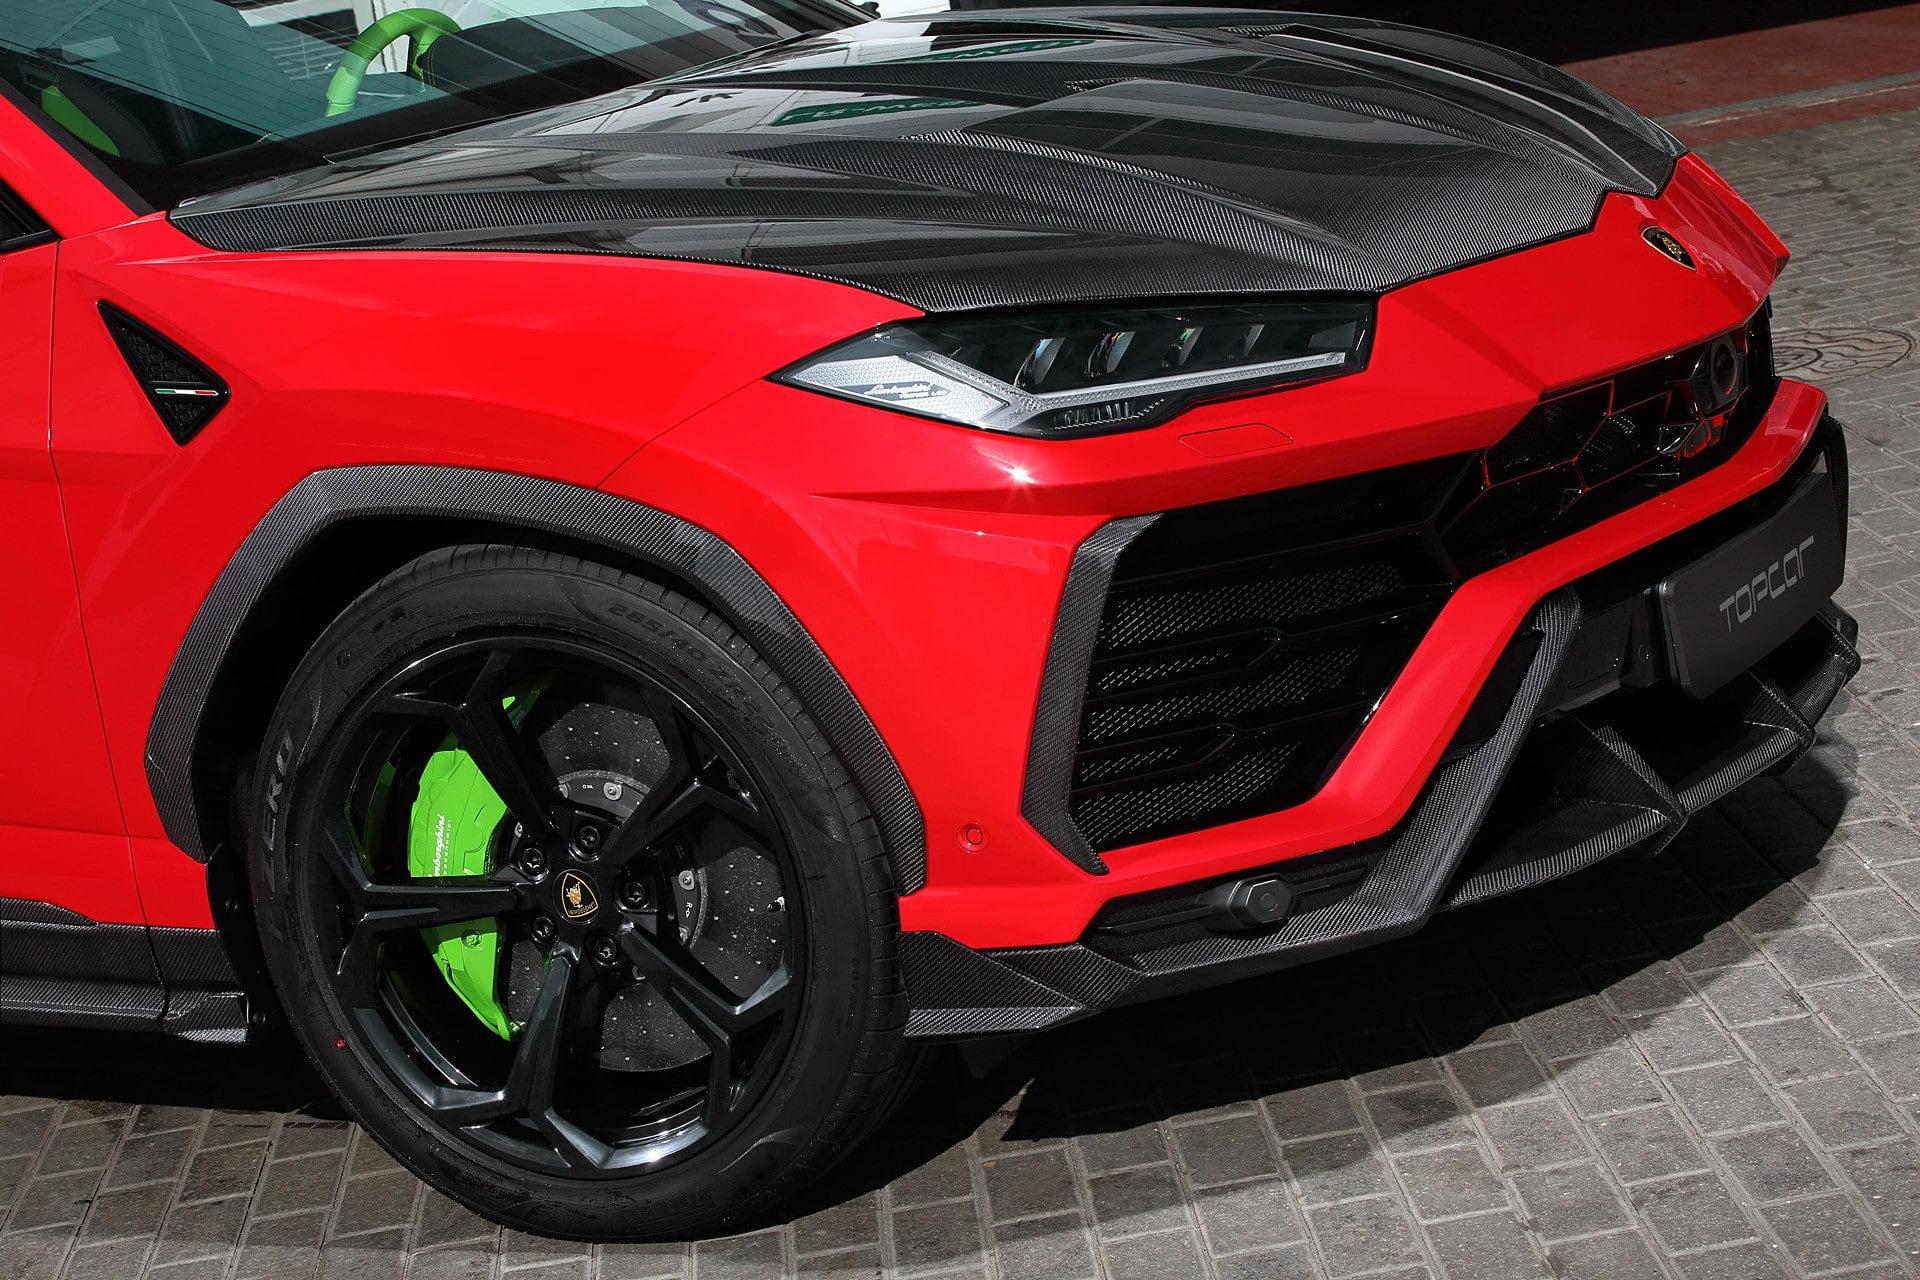 2020 Lamborghini Urus - TOPCAR DESIGN